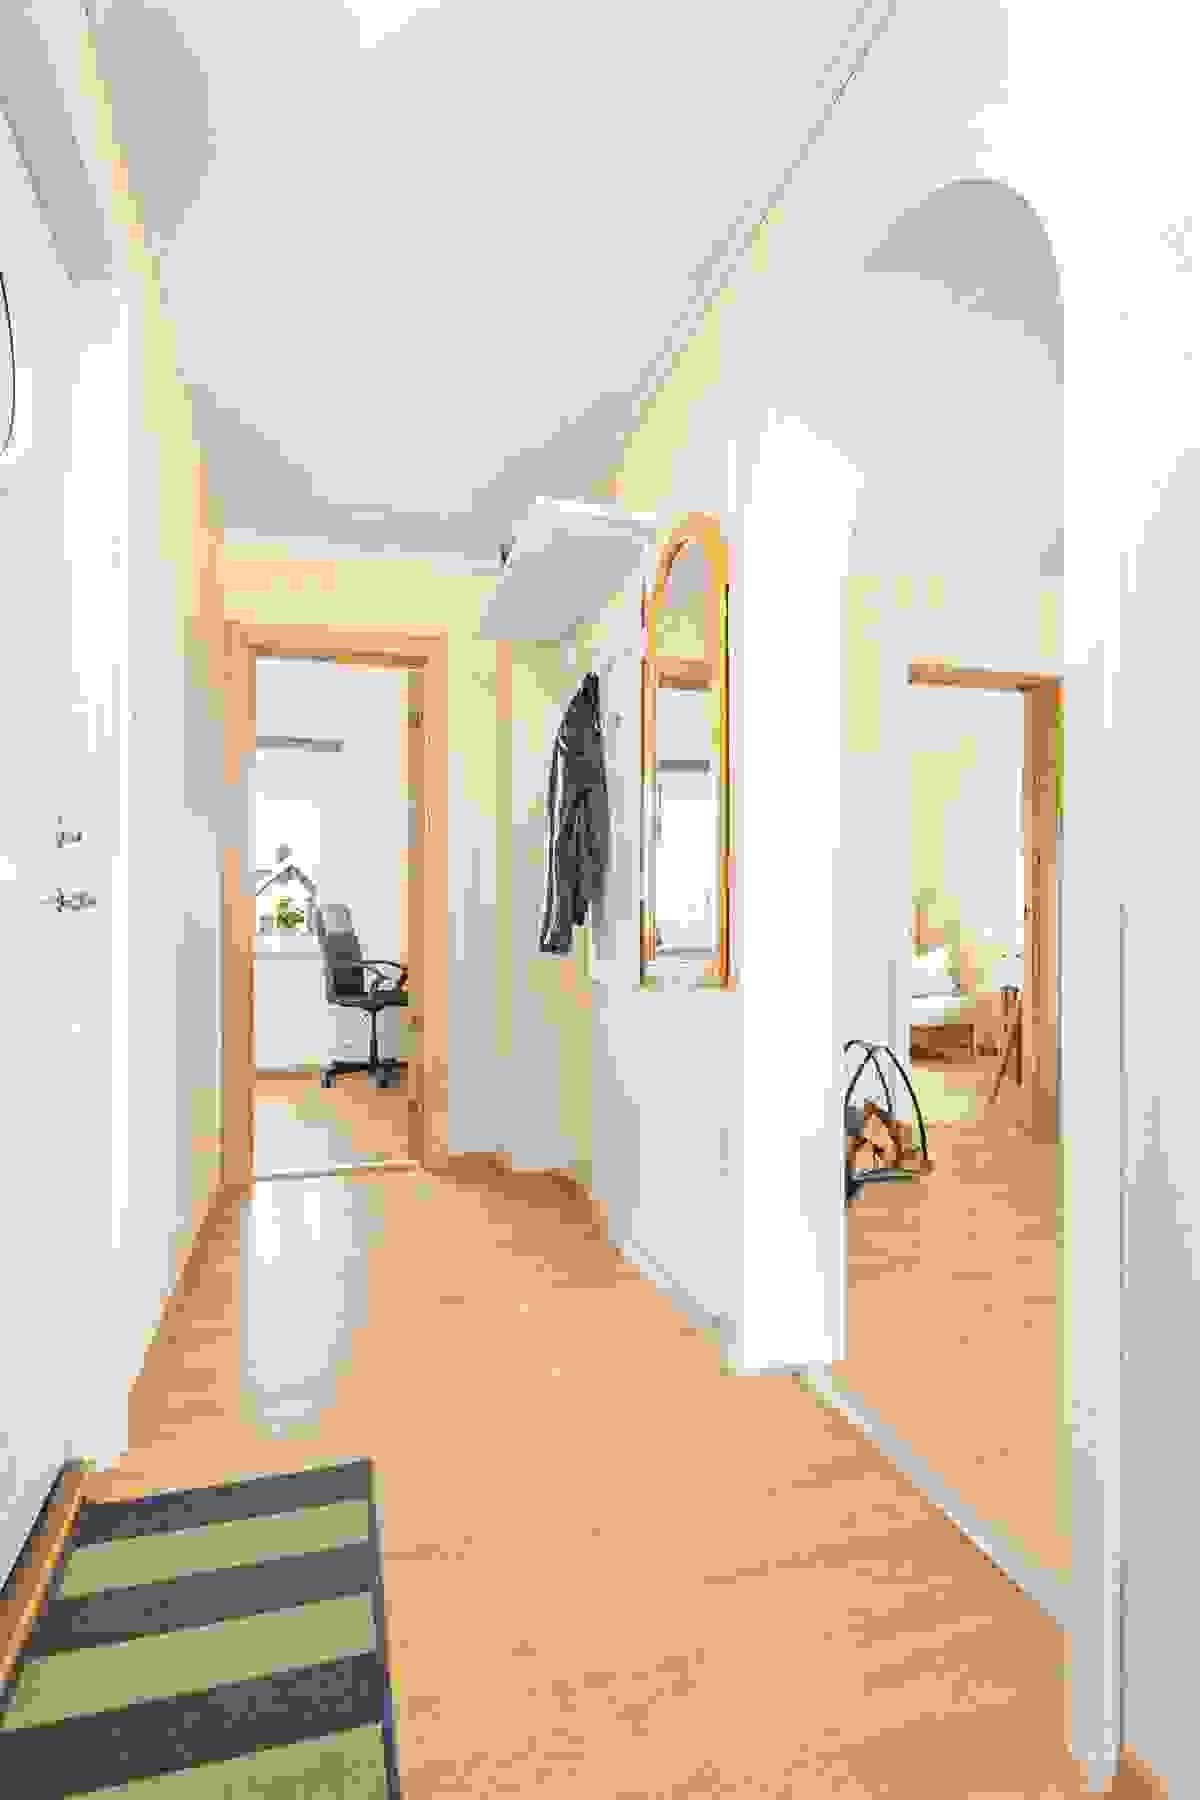 Fra entre/gang er det inngang til både baderom, kjøkken, stue-/spisestue og til et av soverommene